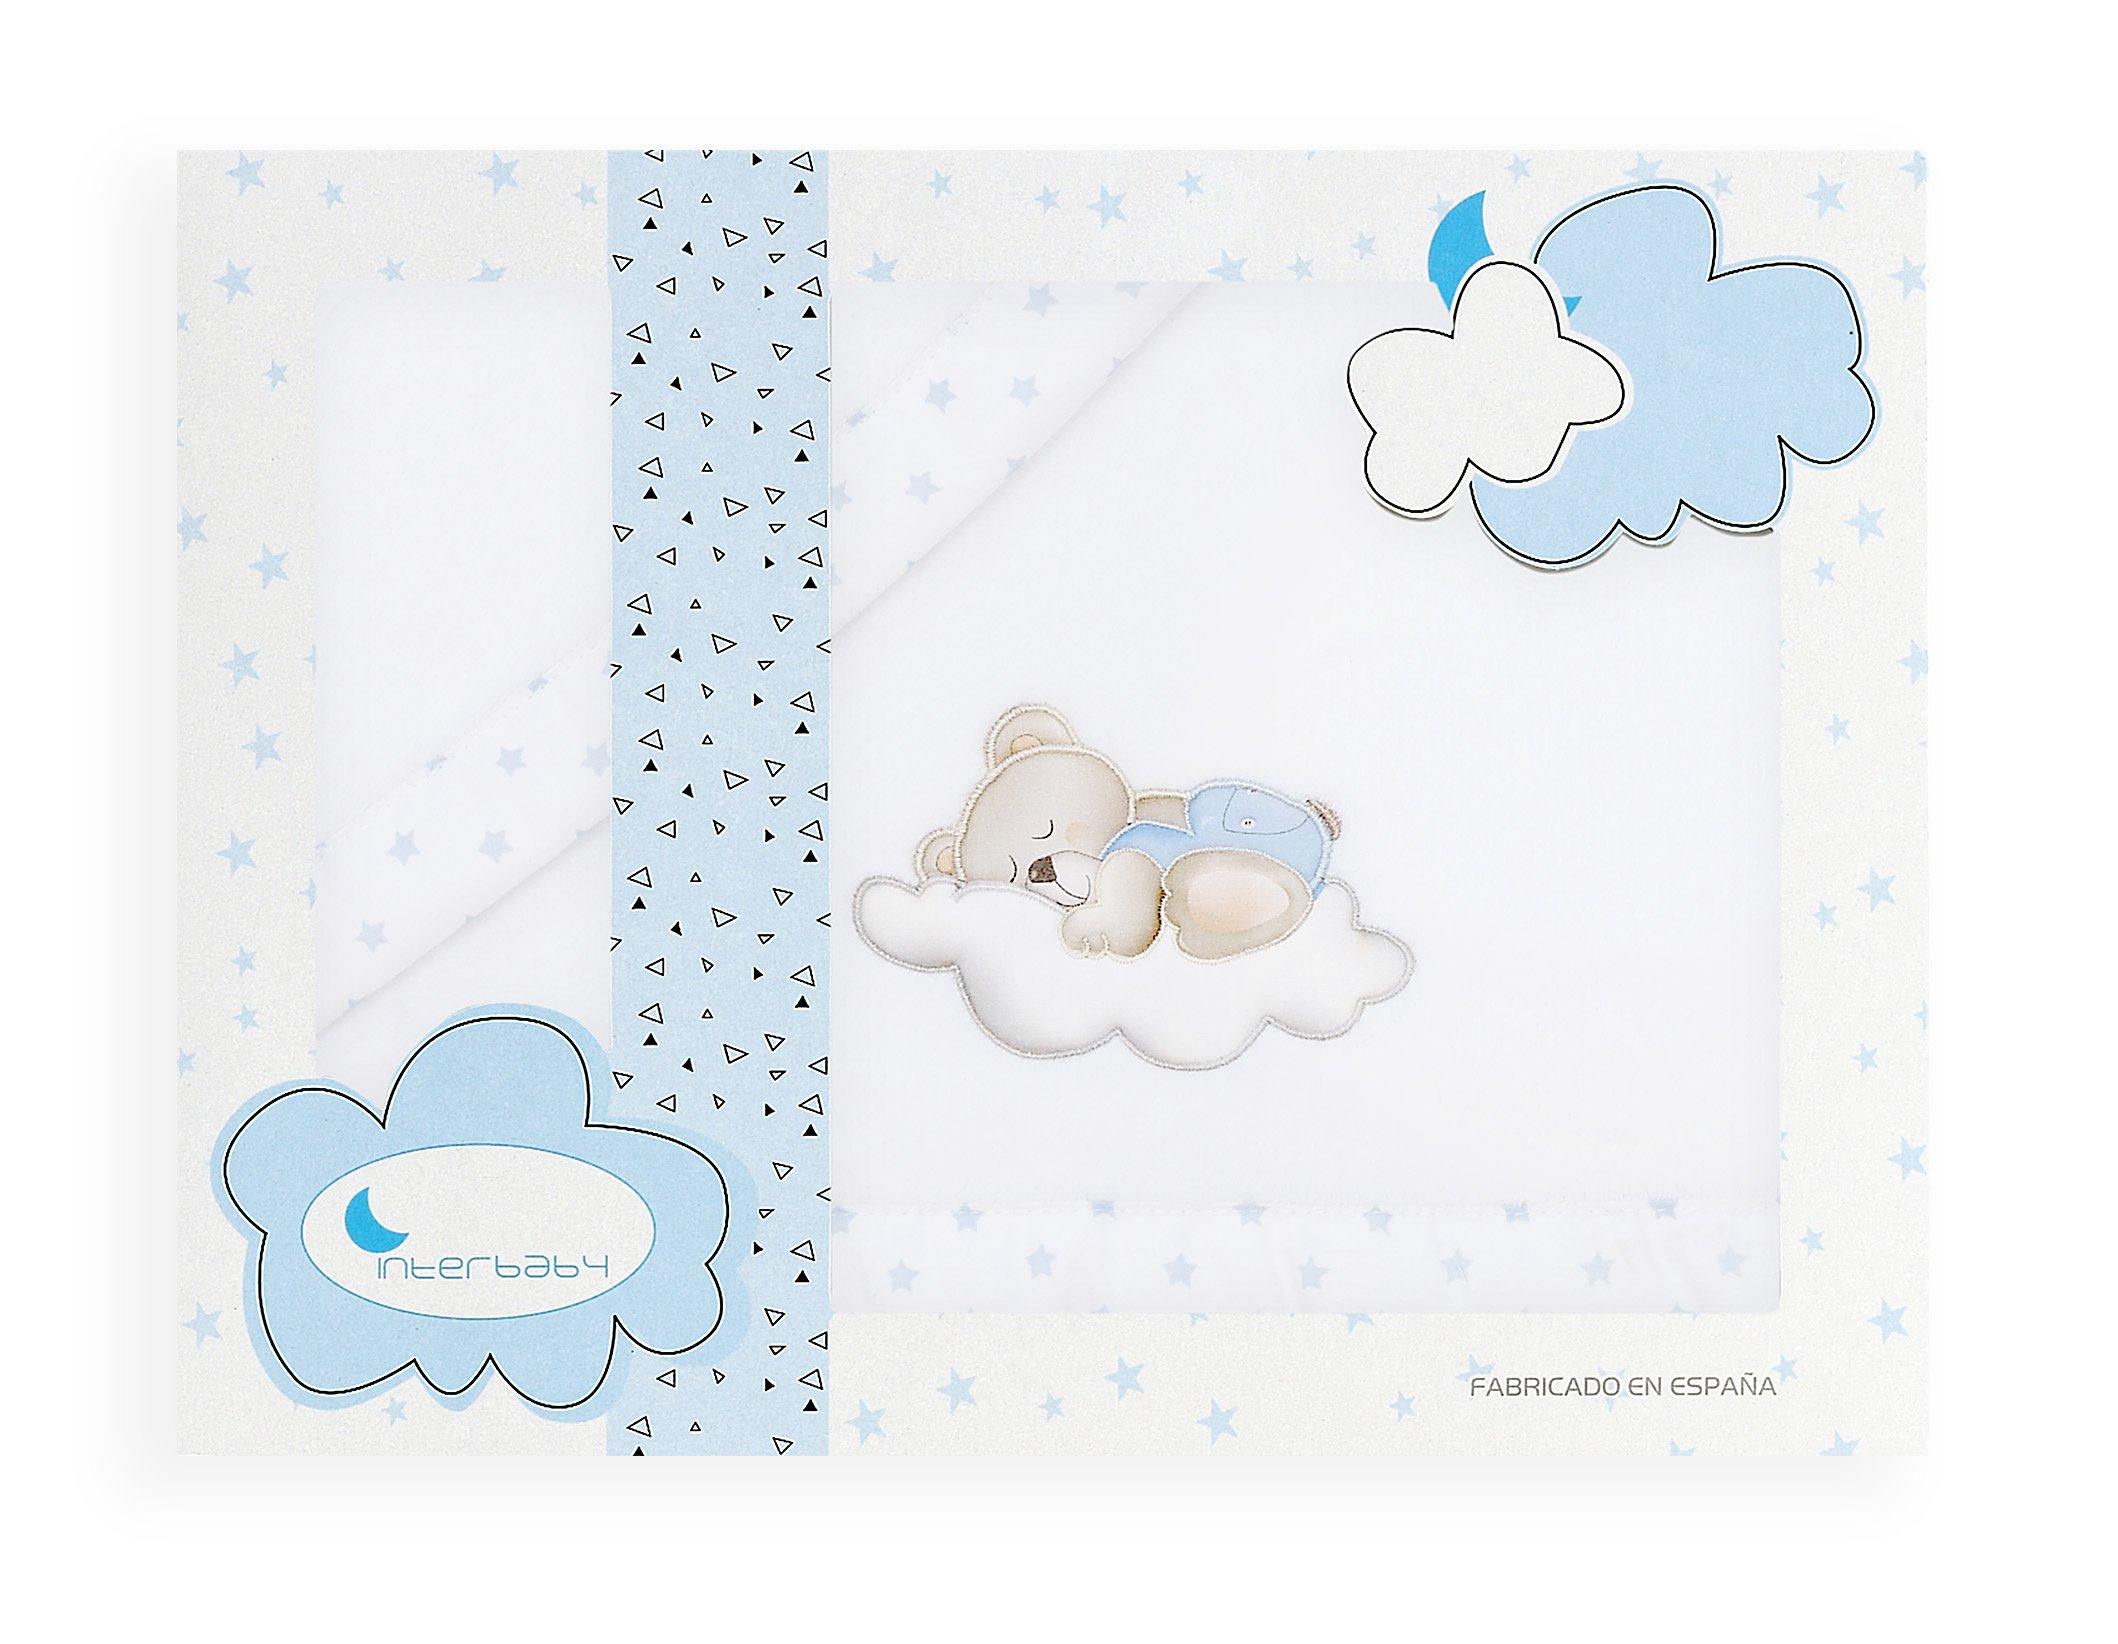 Sabanas de Invierno CORALINA Extrasuave MINICUNA 50x80 - (bajera+encimera+funda almohada) - Color: Blanco/Azul - OFERTA product image